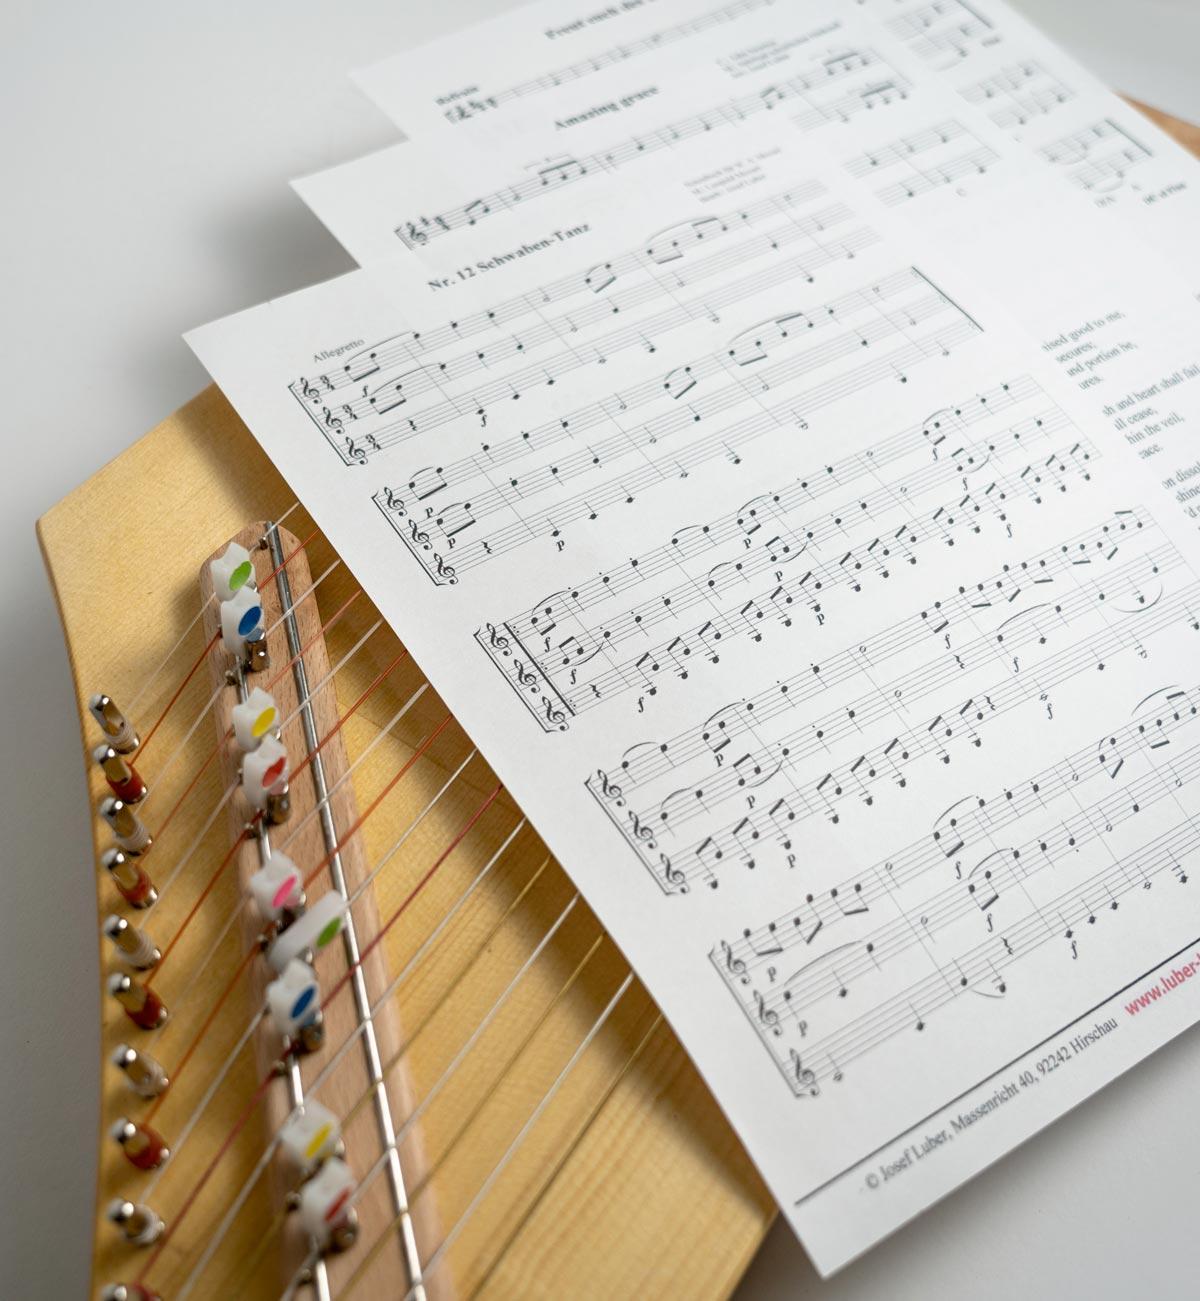 Reguläre Noten Luber-Harfe